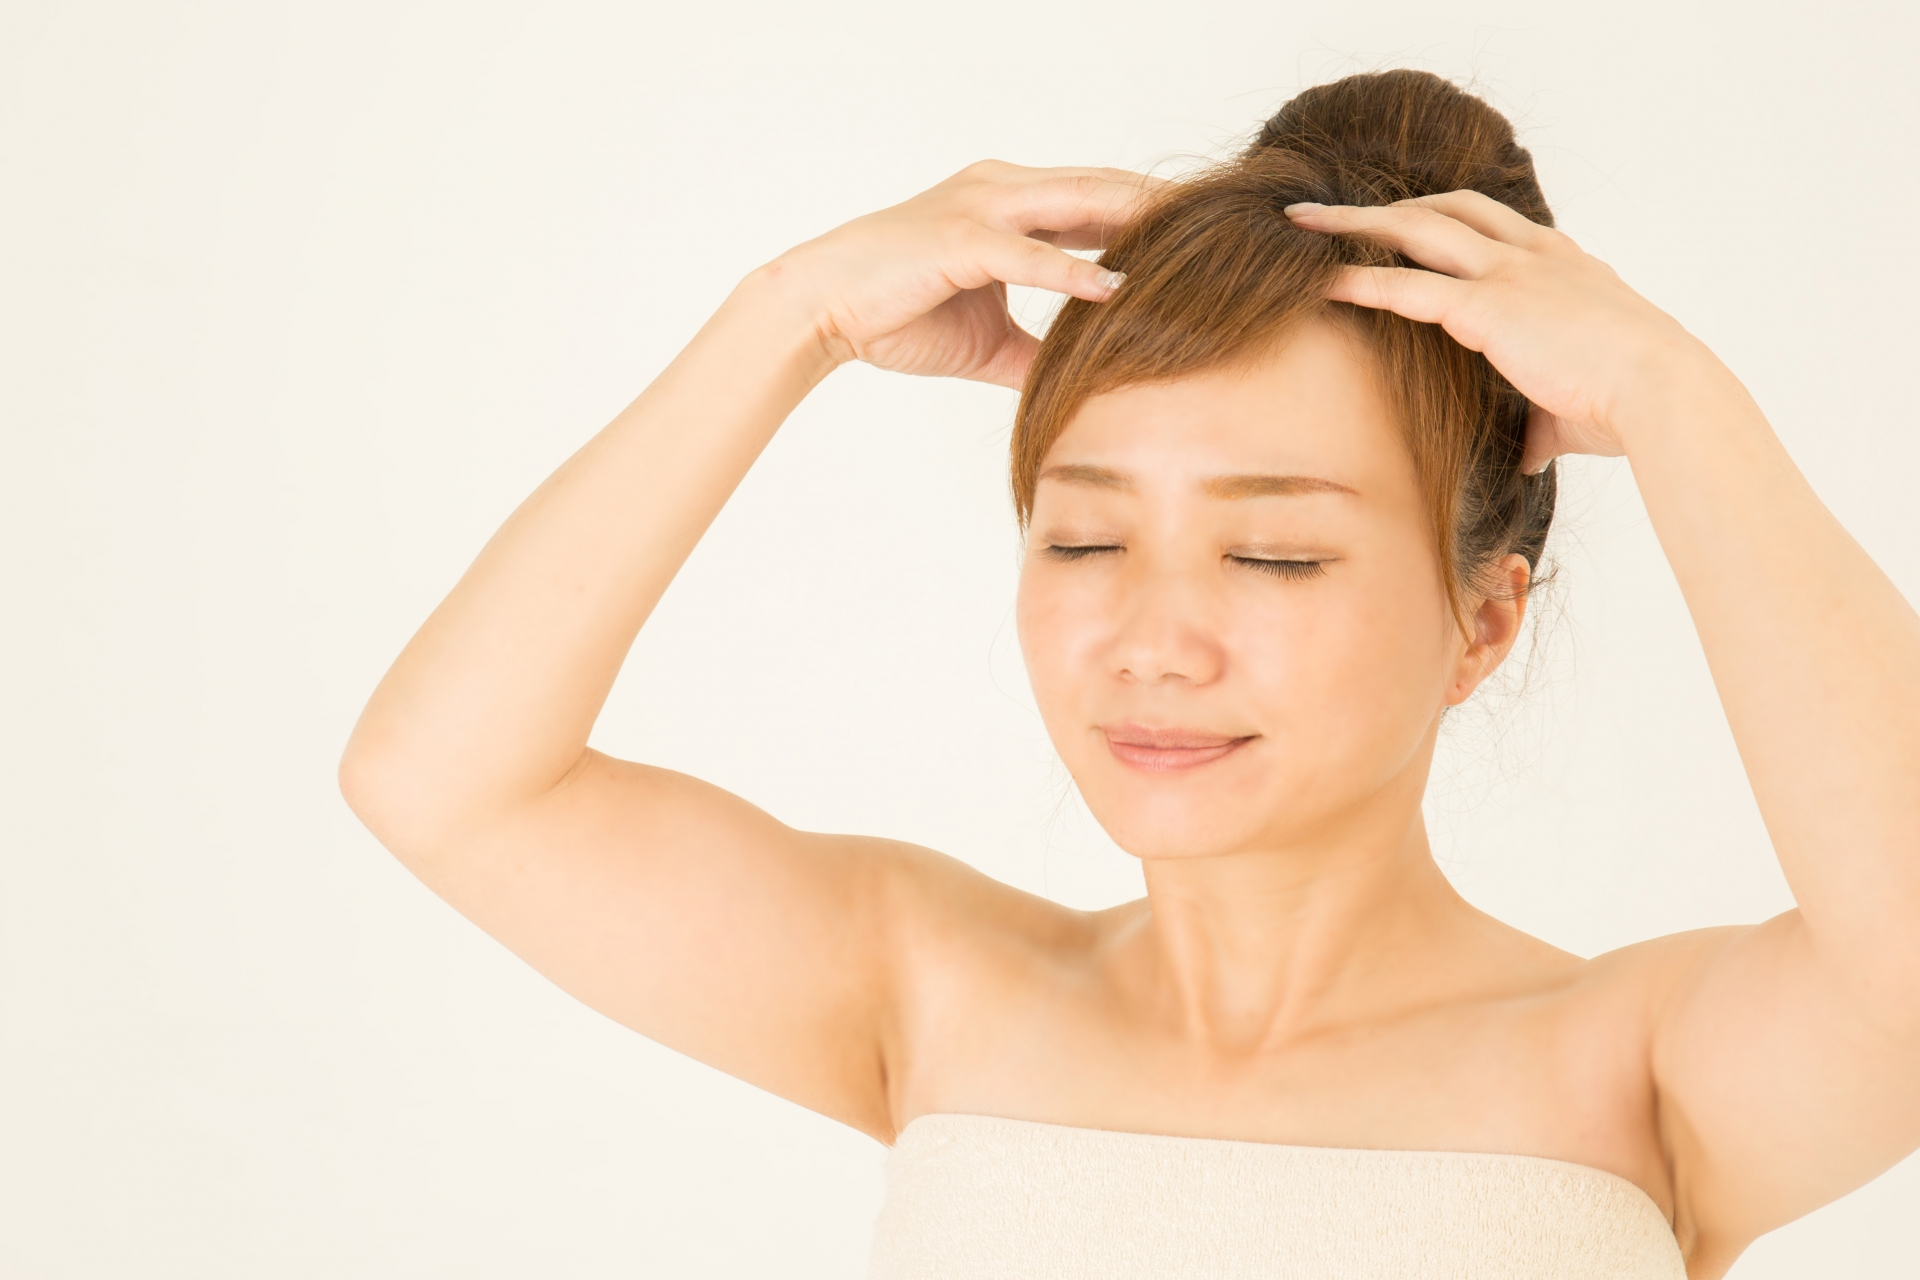 肩こりの痛みを和らげる頭皮マッサージとは